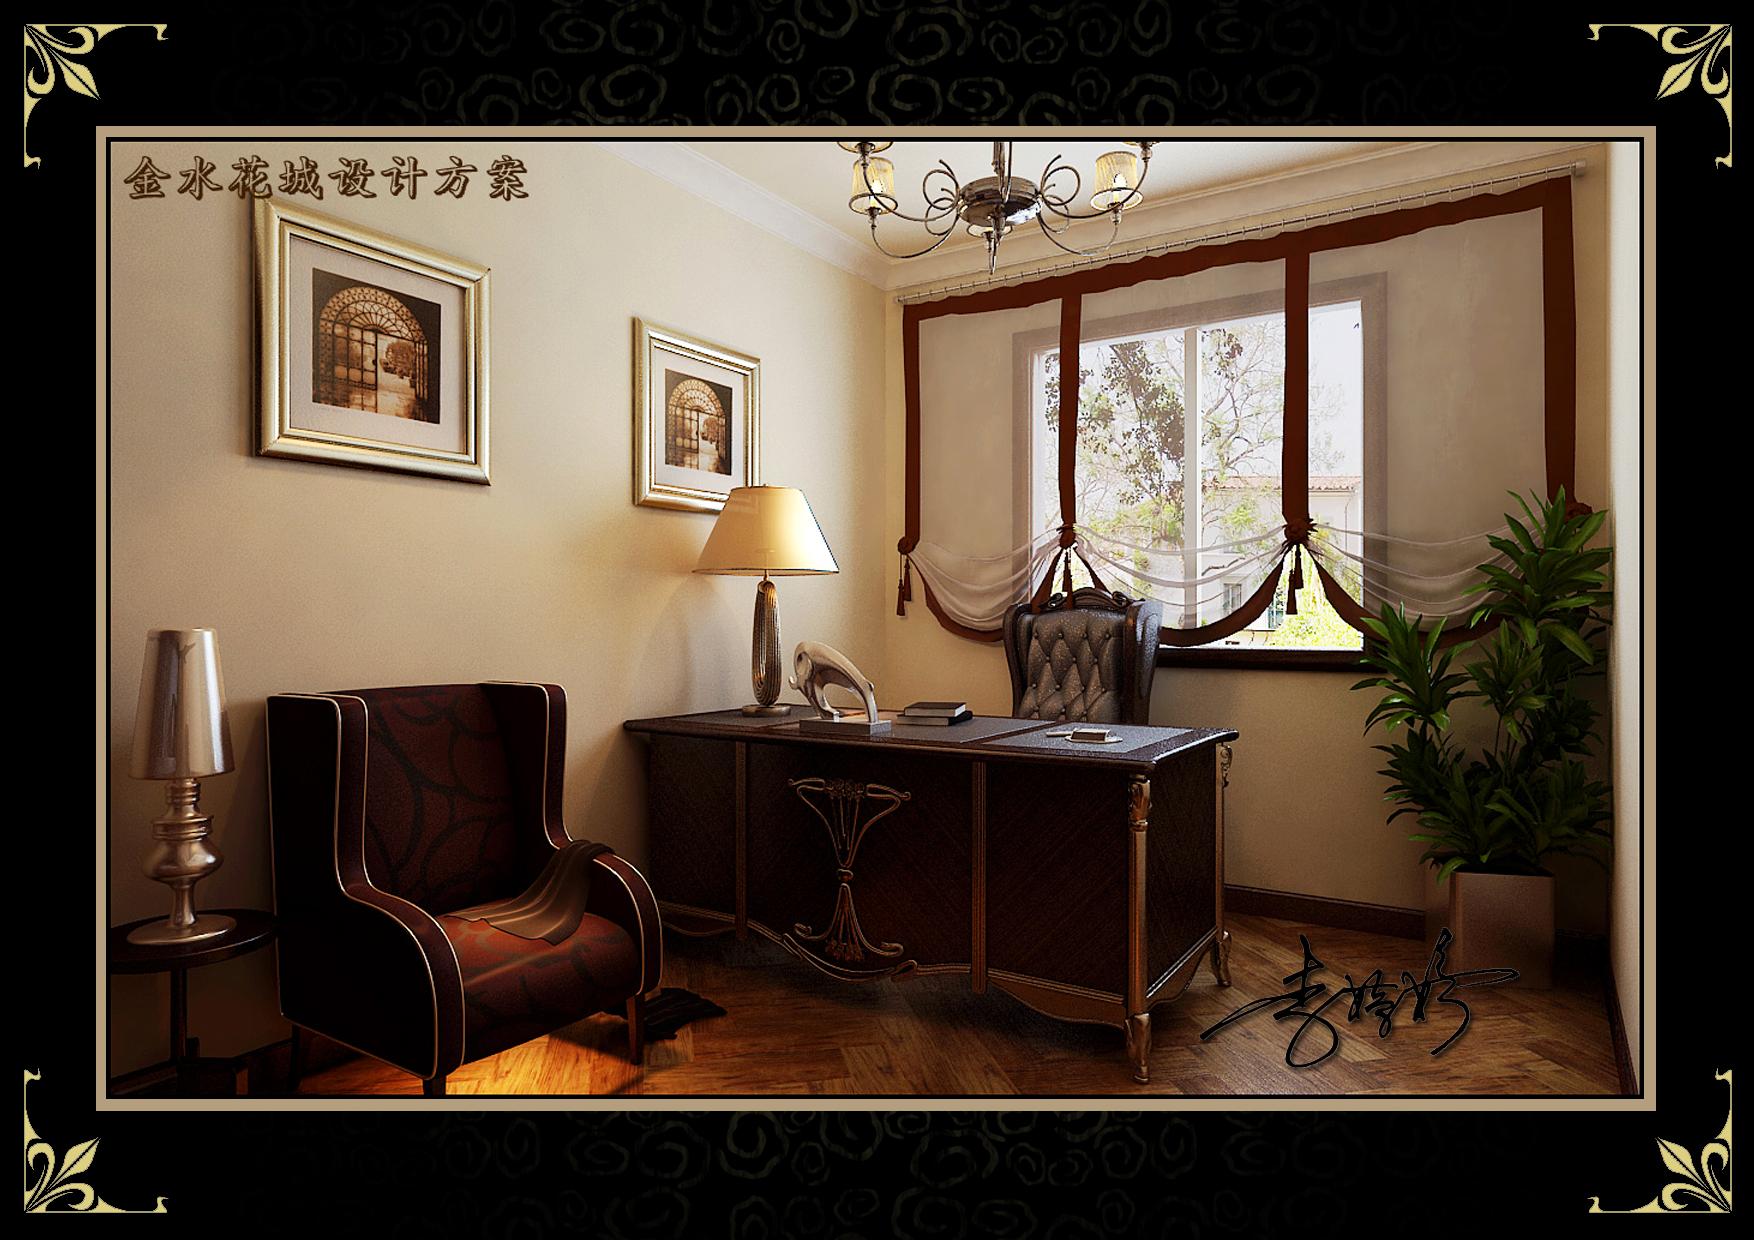 三居 阁楼 混搭风格 客厅图片来自百家设计小刘在金水花城142平阁楼美欧混搭风格的分享